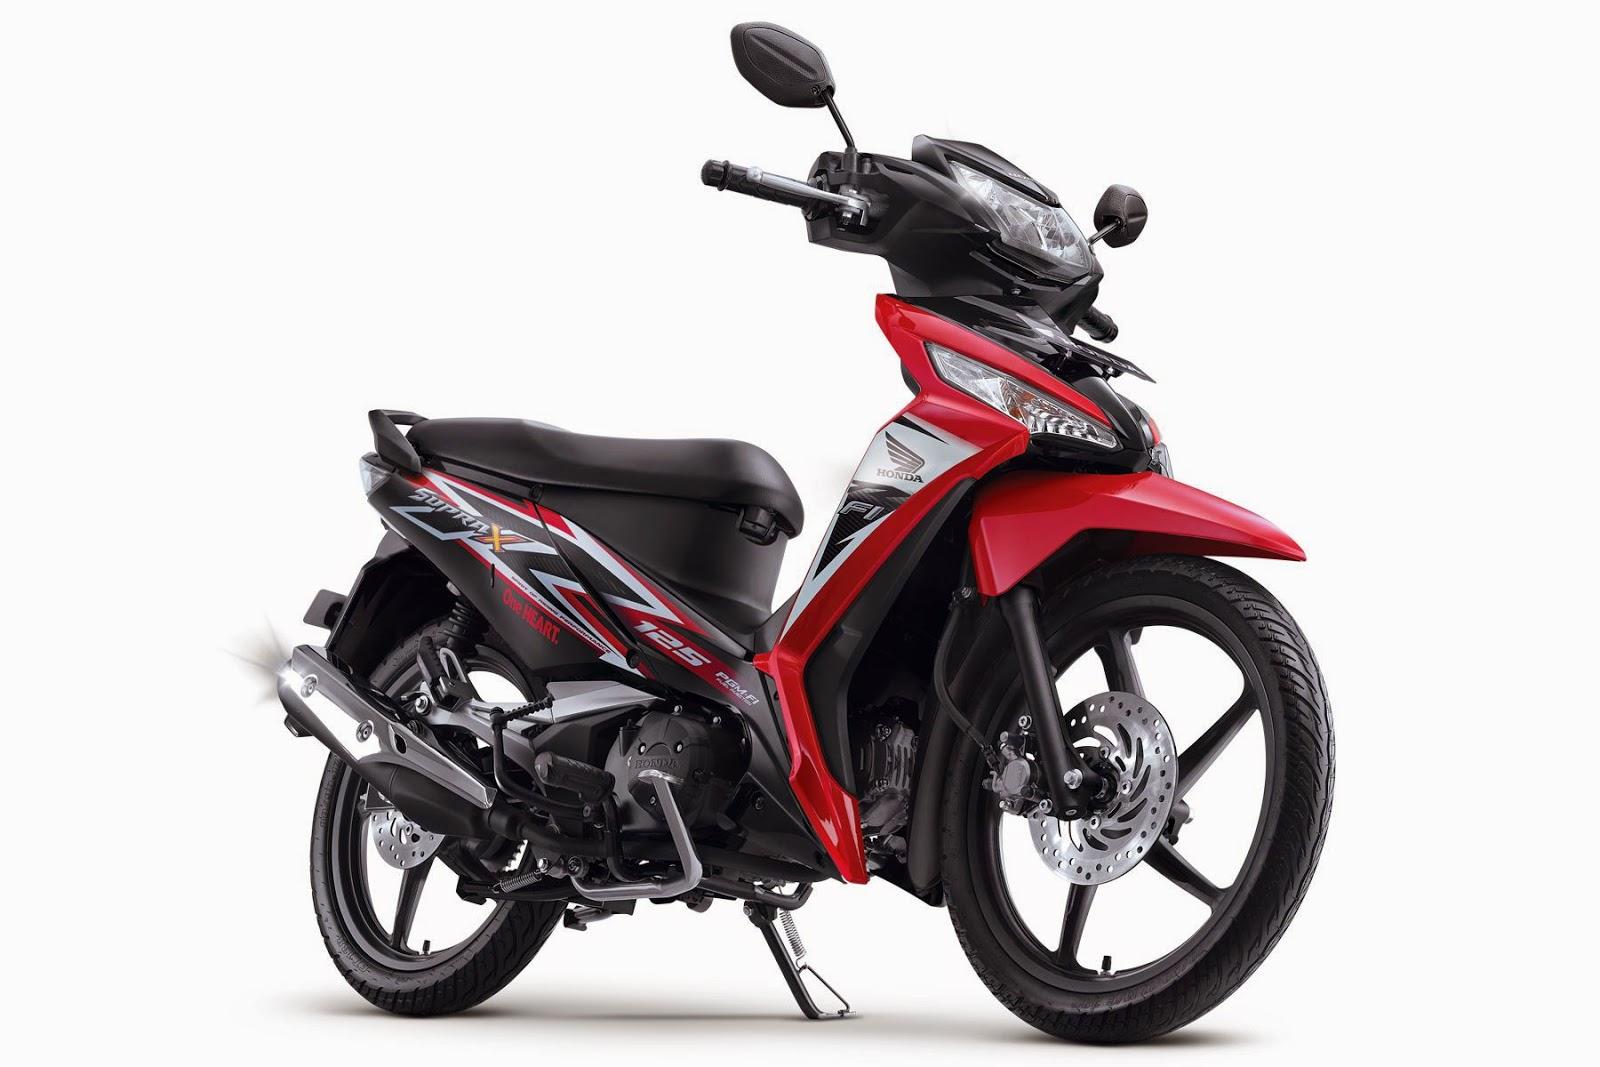 Biaya Bbn Motor Balik Nama Mobil Motor Birojasapasblogspot Kredit Motor Honda Supra X 125 Fi Cw Kredit Motor Murah